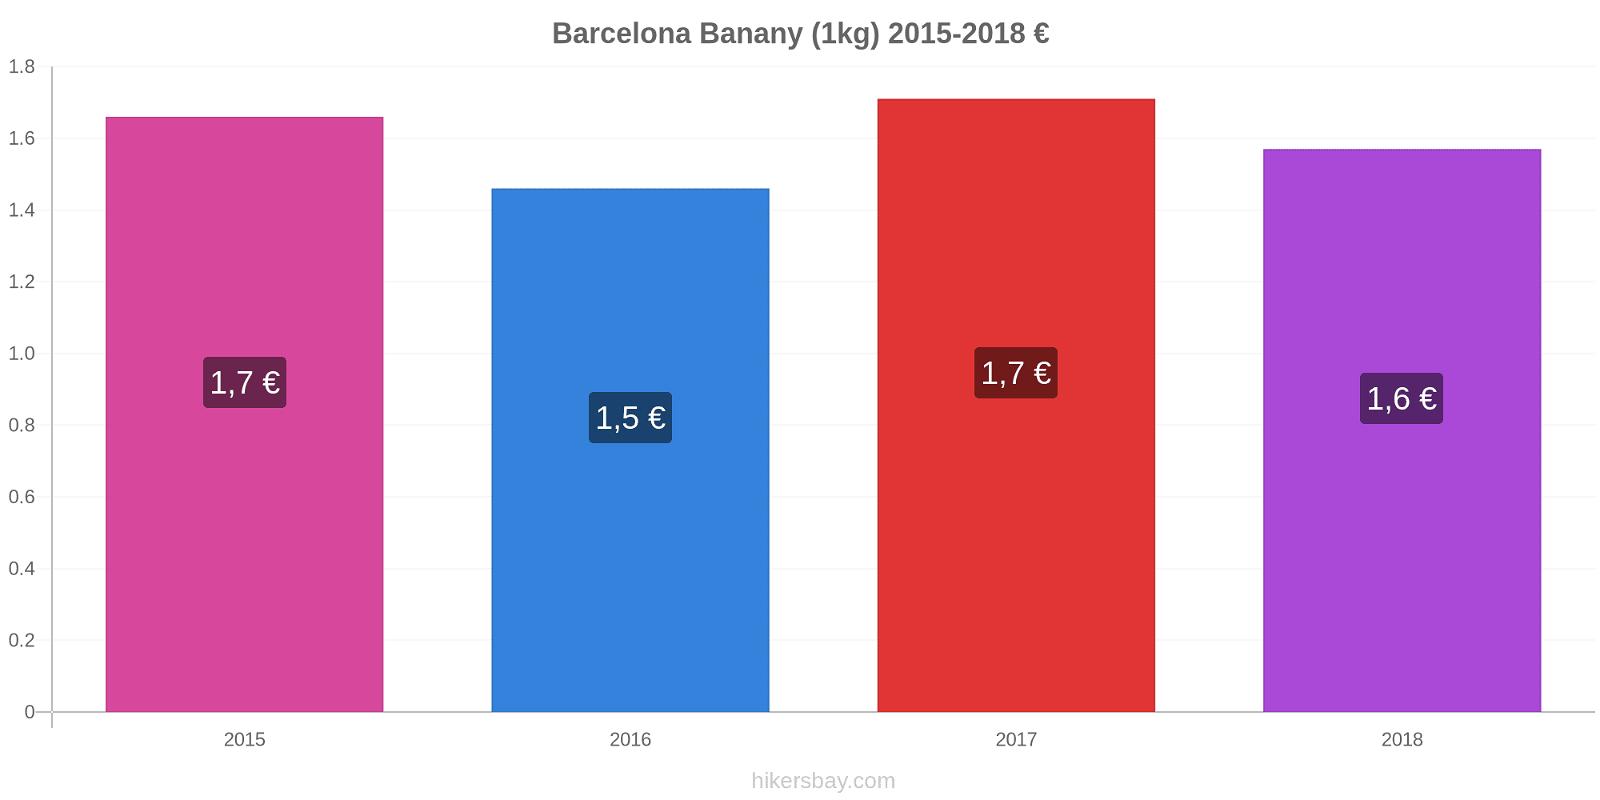 Barcelona zmiany cen Banany (1kg) hikersbay.com